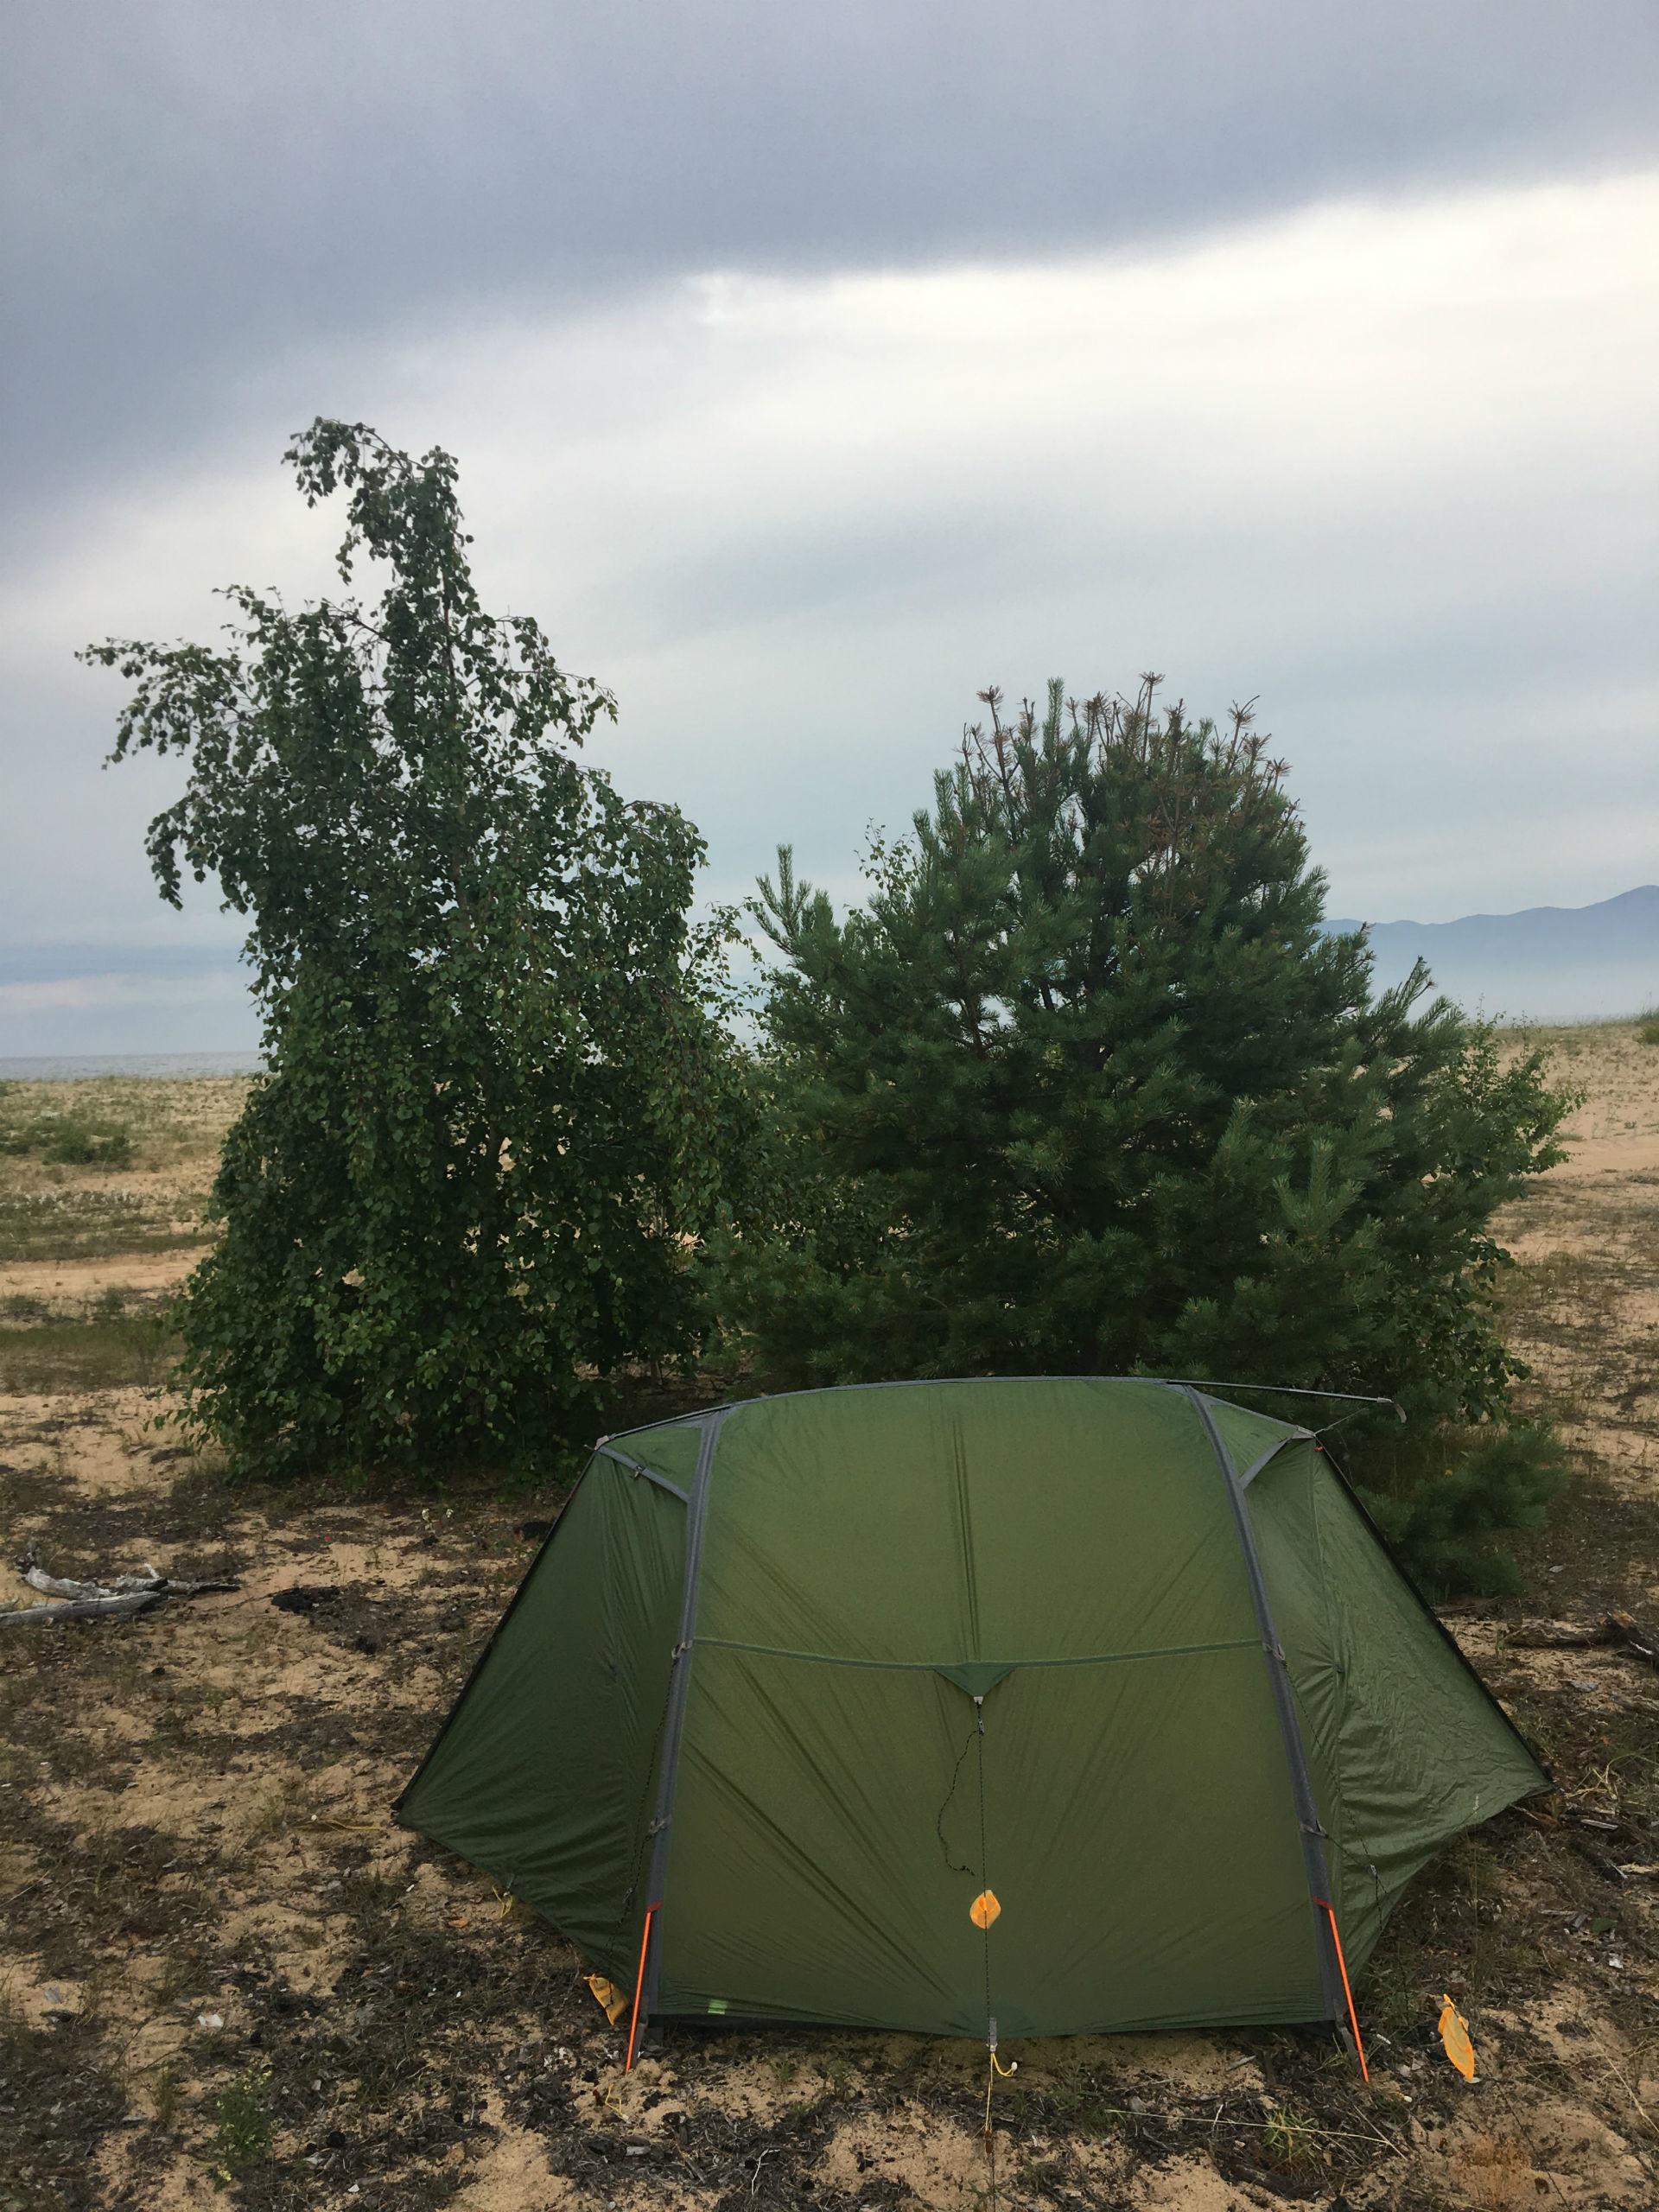 Campement établi pour une paisible nuit sur le sable fin de la